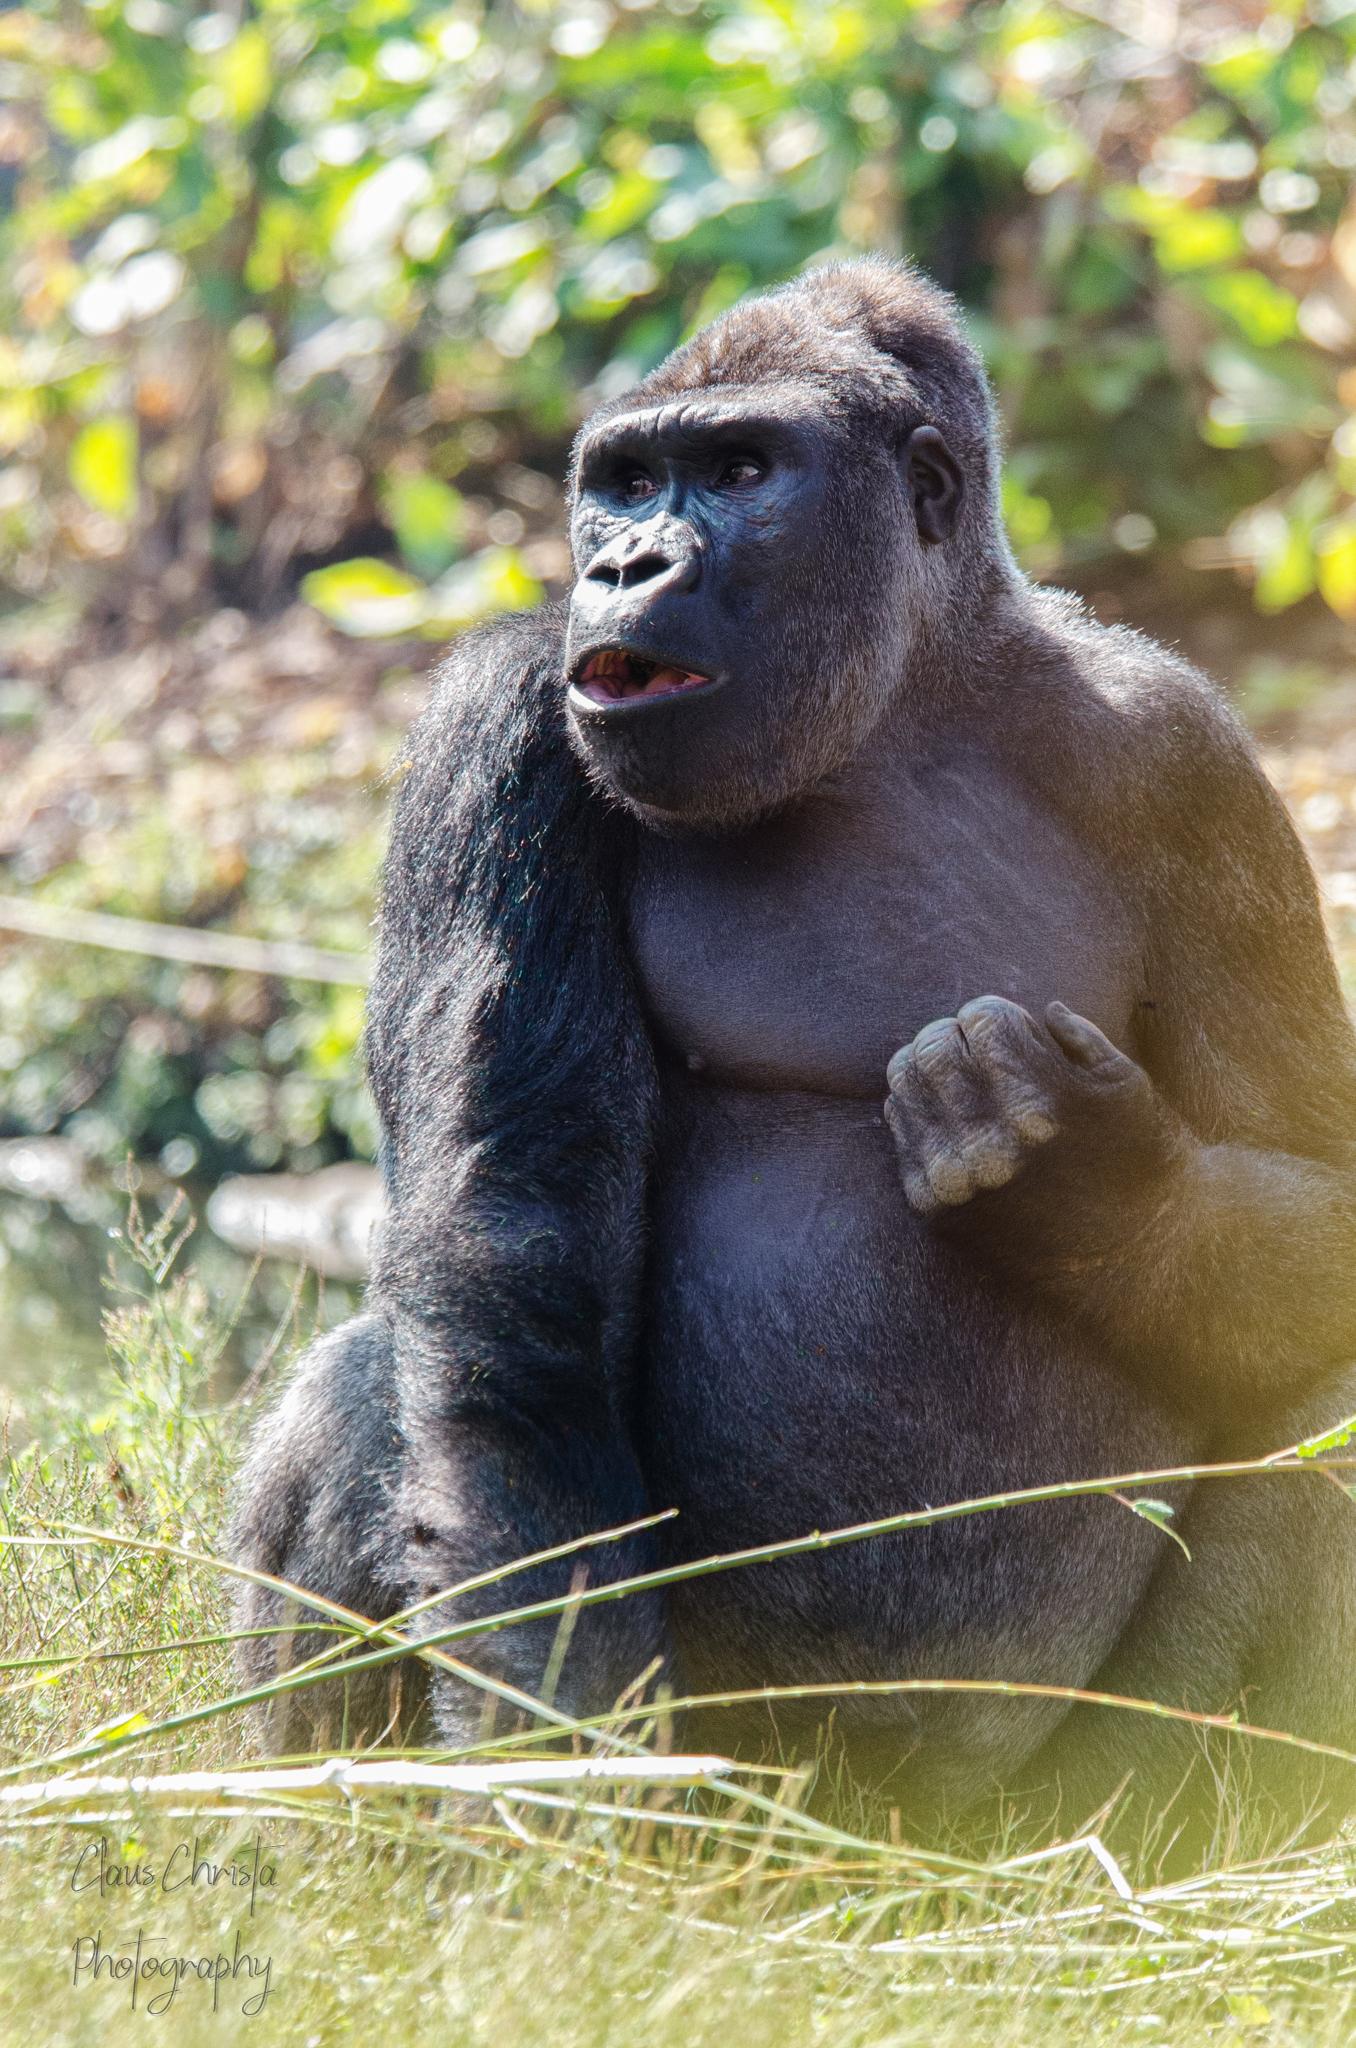 """""""'t Is niet waar, eh?!"""" - Verbaasde gorilla - foto door Christa66 op 16-04-2021 - locatie: Domaine de Cambron, 7940 Brugelette, België - deze foto bevat: gorilla, mensaap, aap, primaat, dier, pairi daiza, dierenpark, zilverrug, primaat, fabriek, tempel, terrestrische dieren, gras, bodembedekker, snuit, rimpel, gemeenschappelijke chimpansee, vacht"""